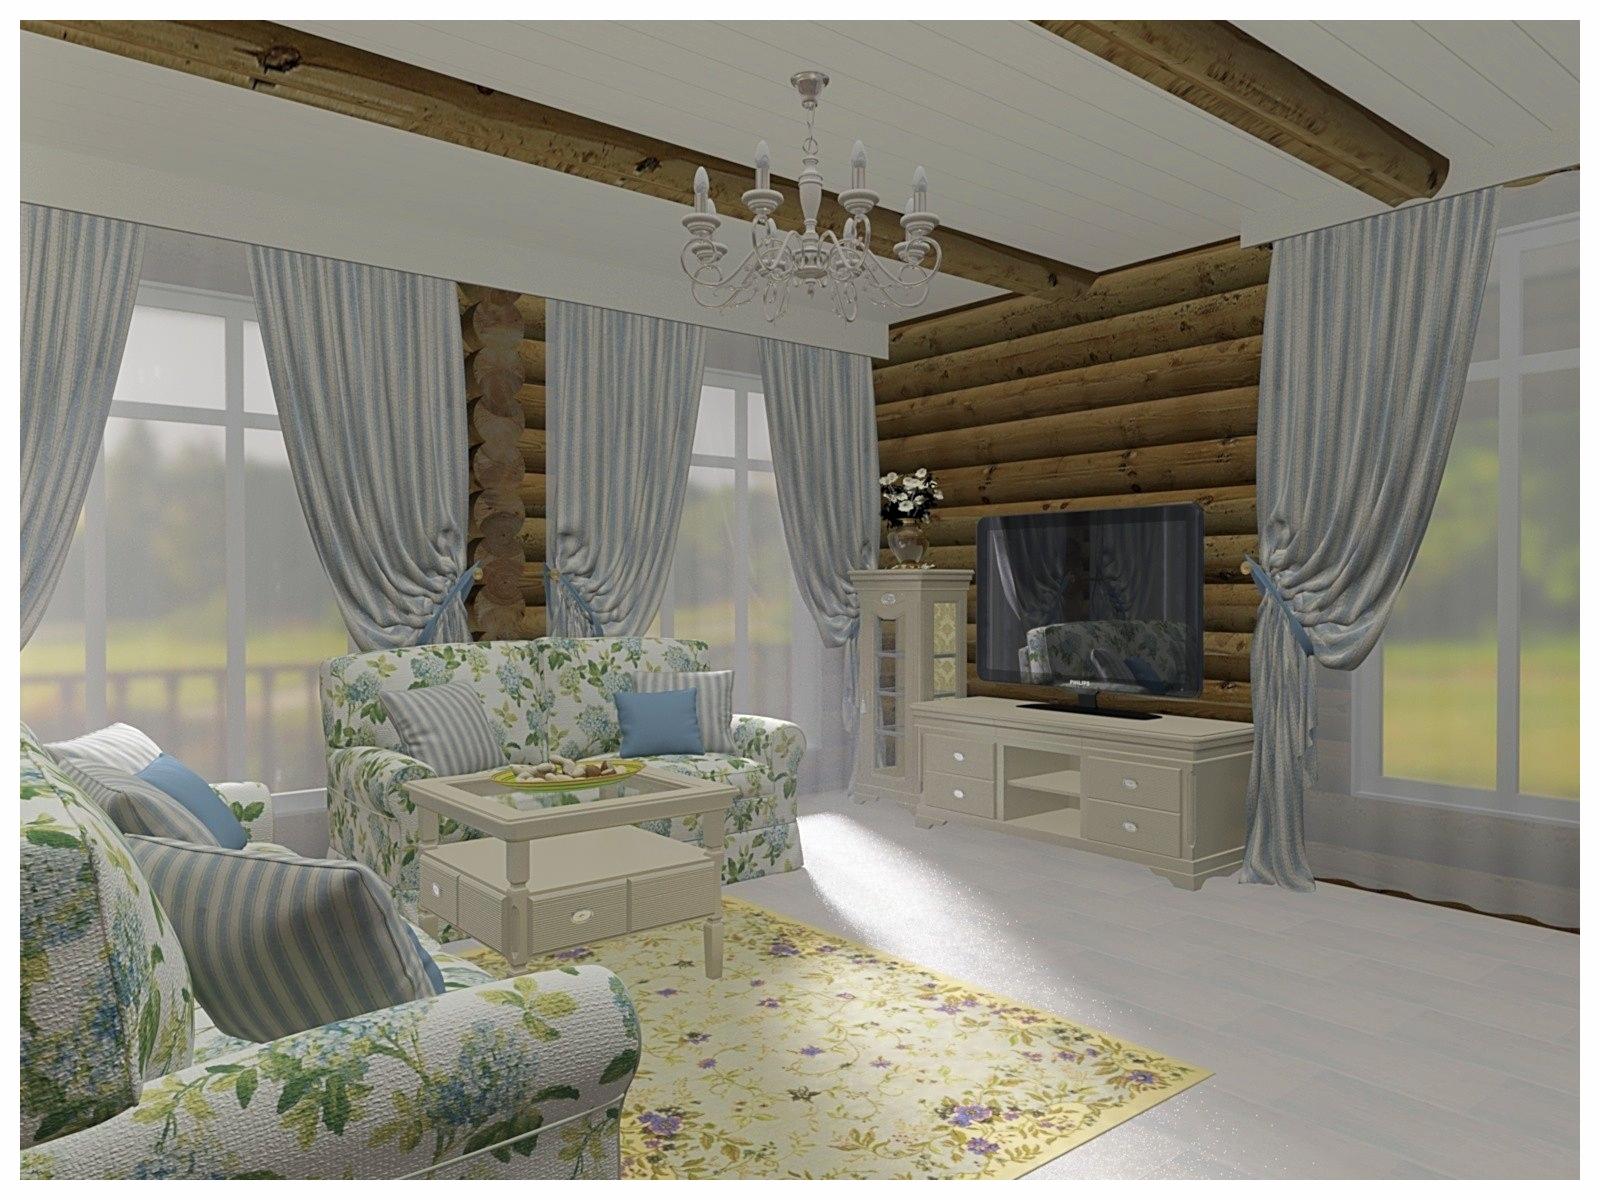 Дизайн интерьеров в коттедже из бревна. Зона ТВ.